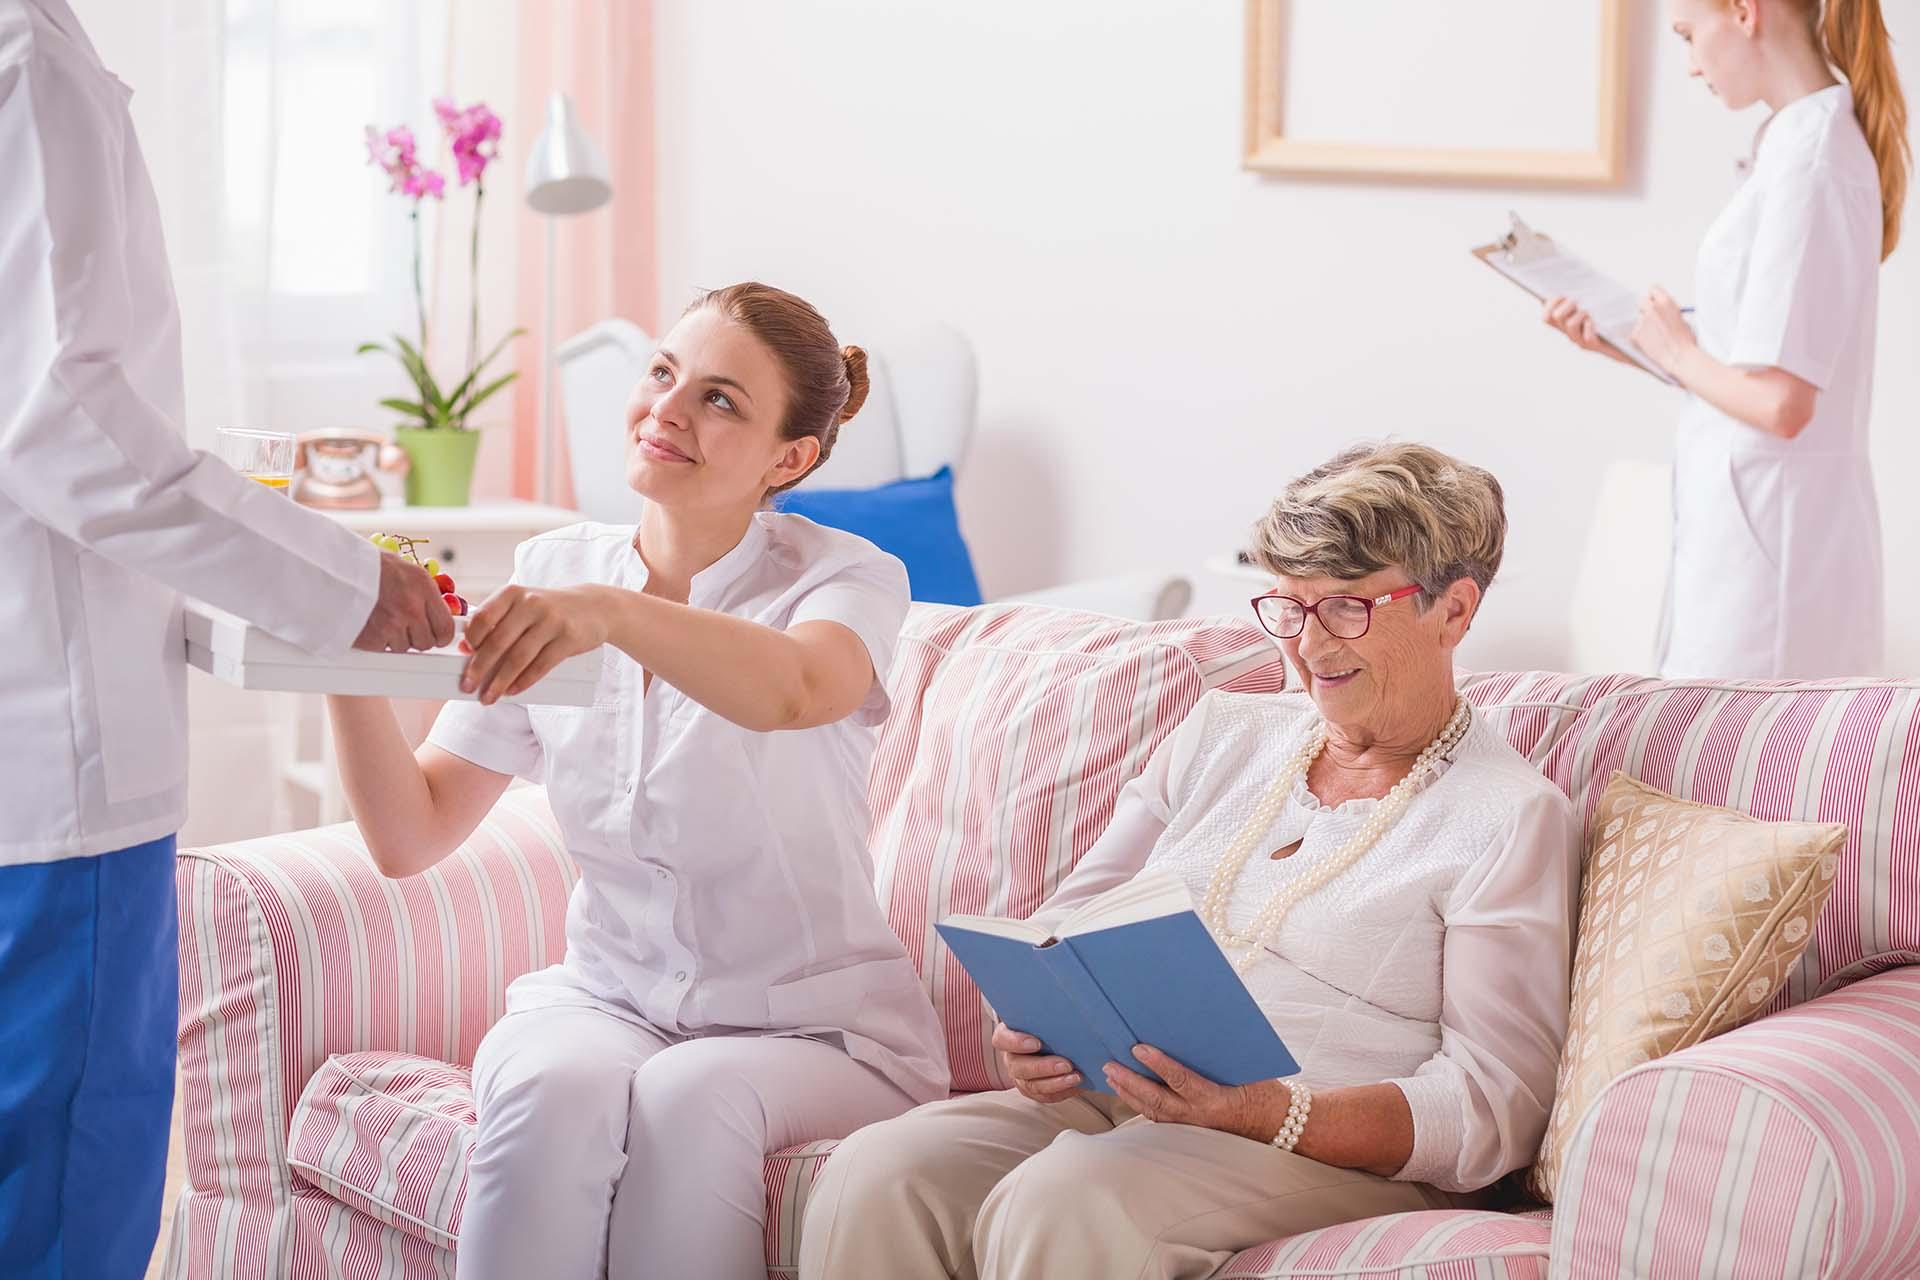 Caregivers nurses surrounded the elder woman